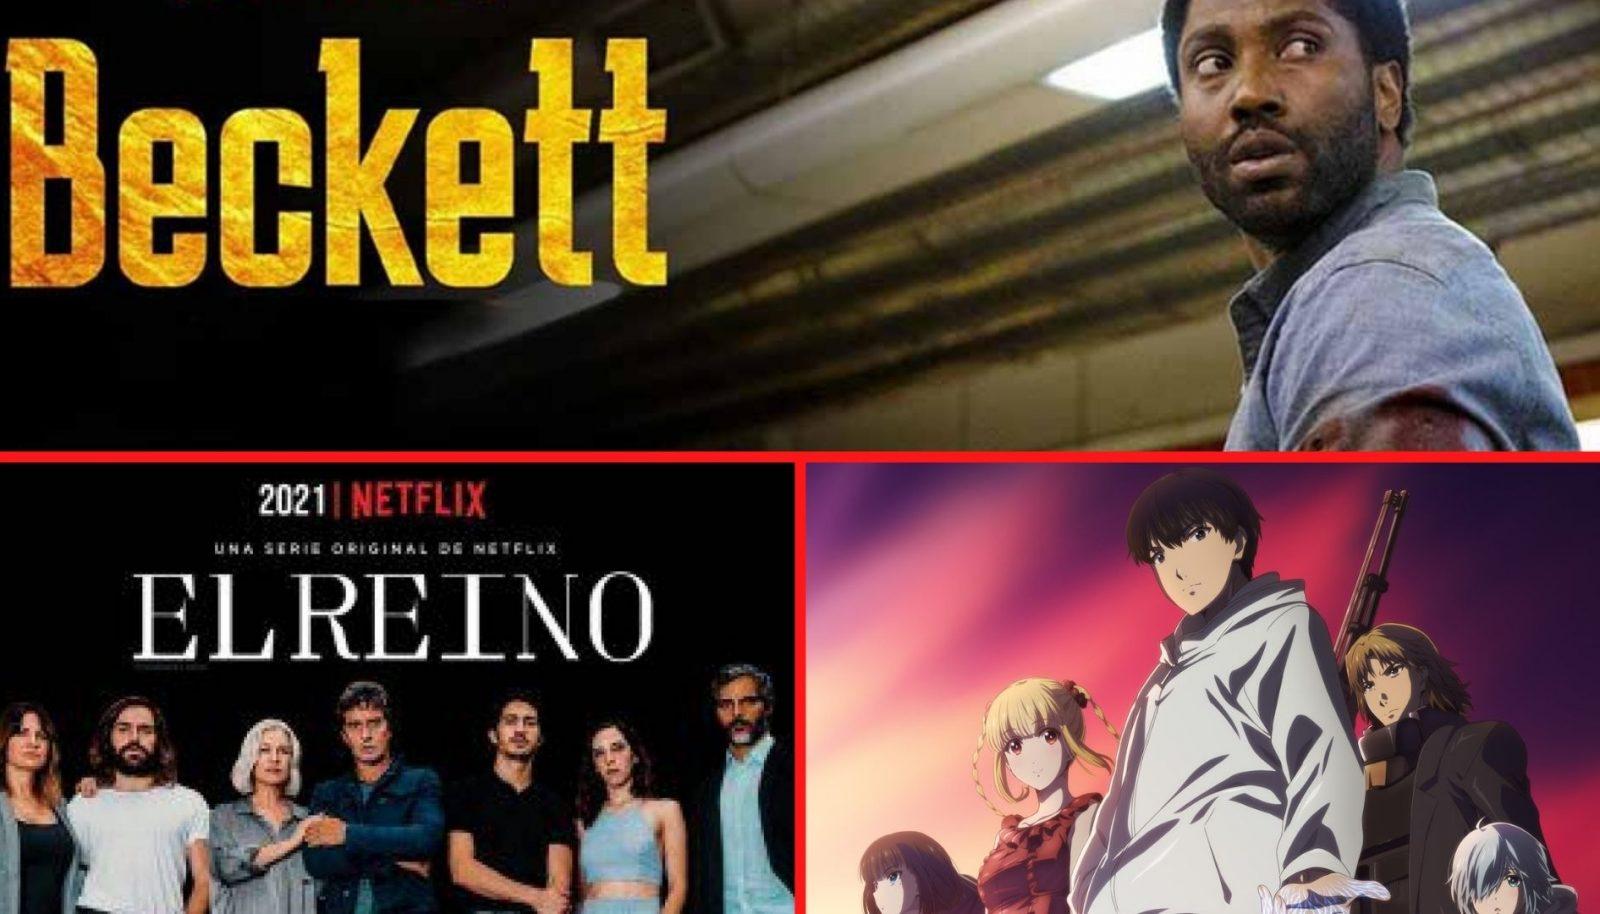 Estrenos de Netflix en el mes de Agosto